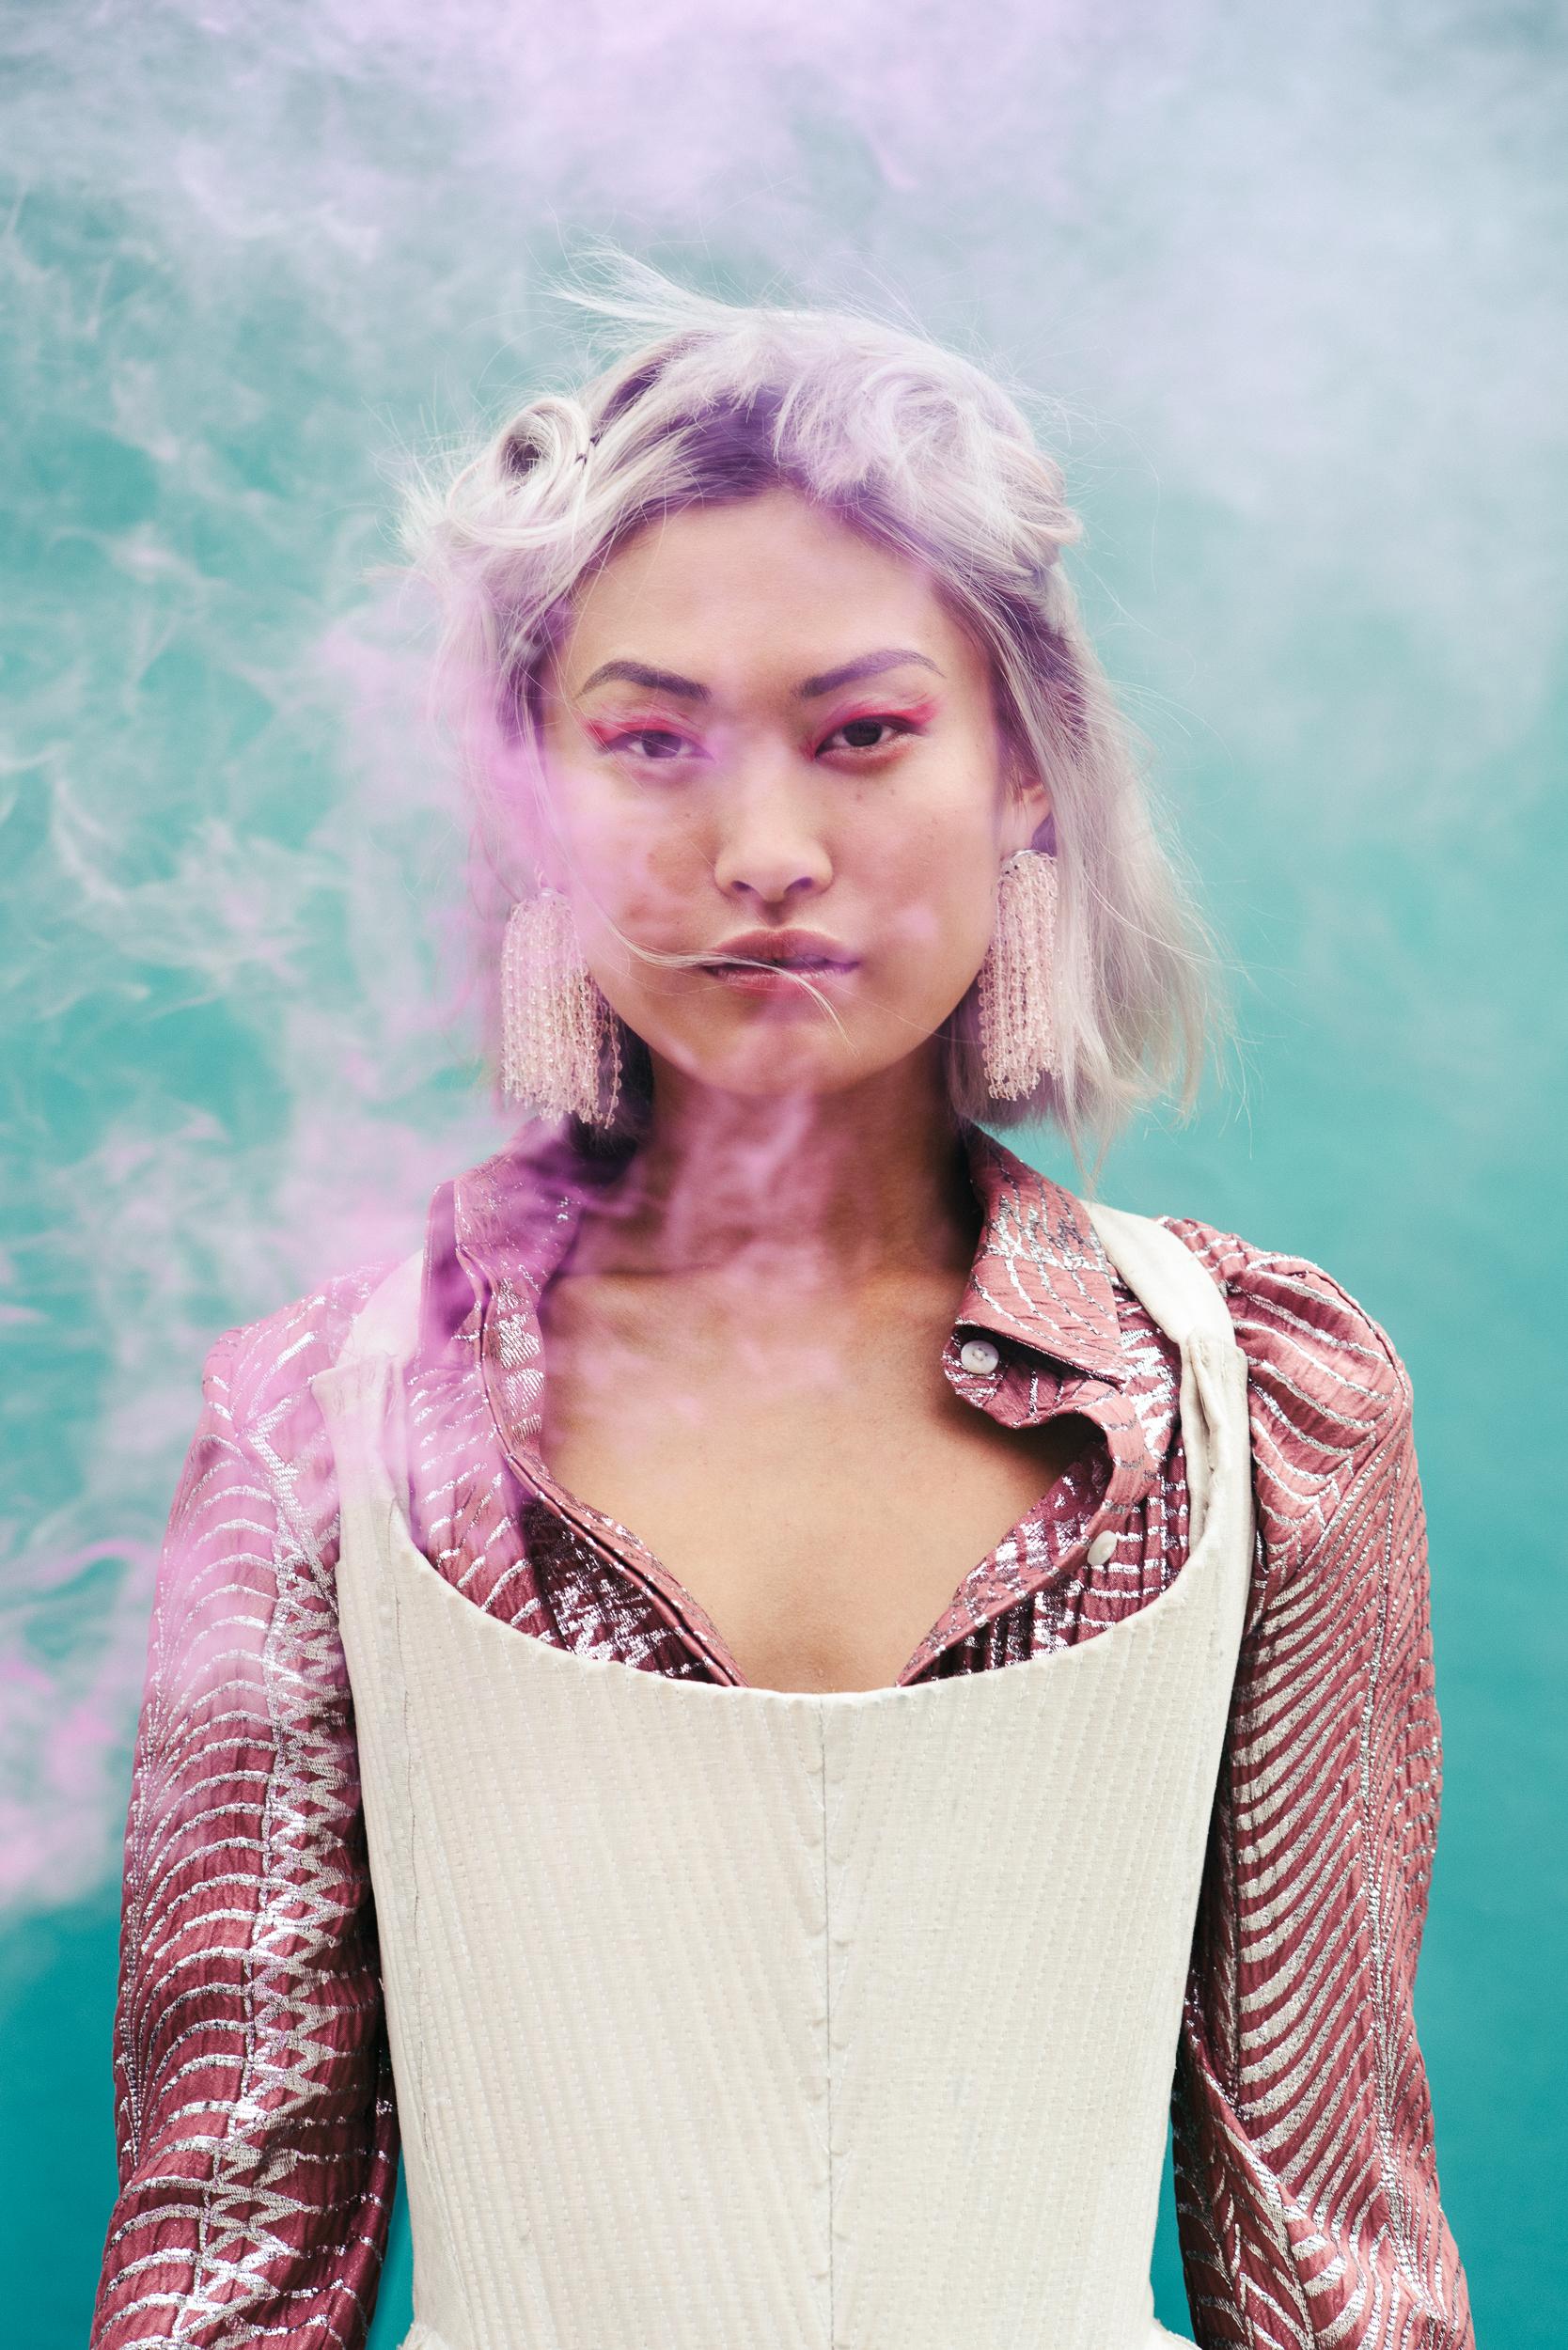 Augusta_Sagnelli_fashion_editorial-5.jpg